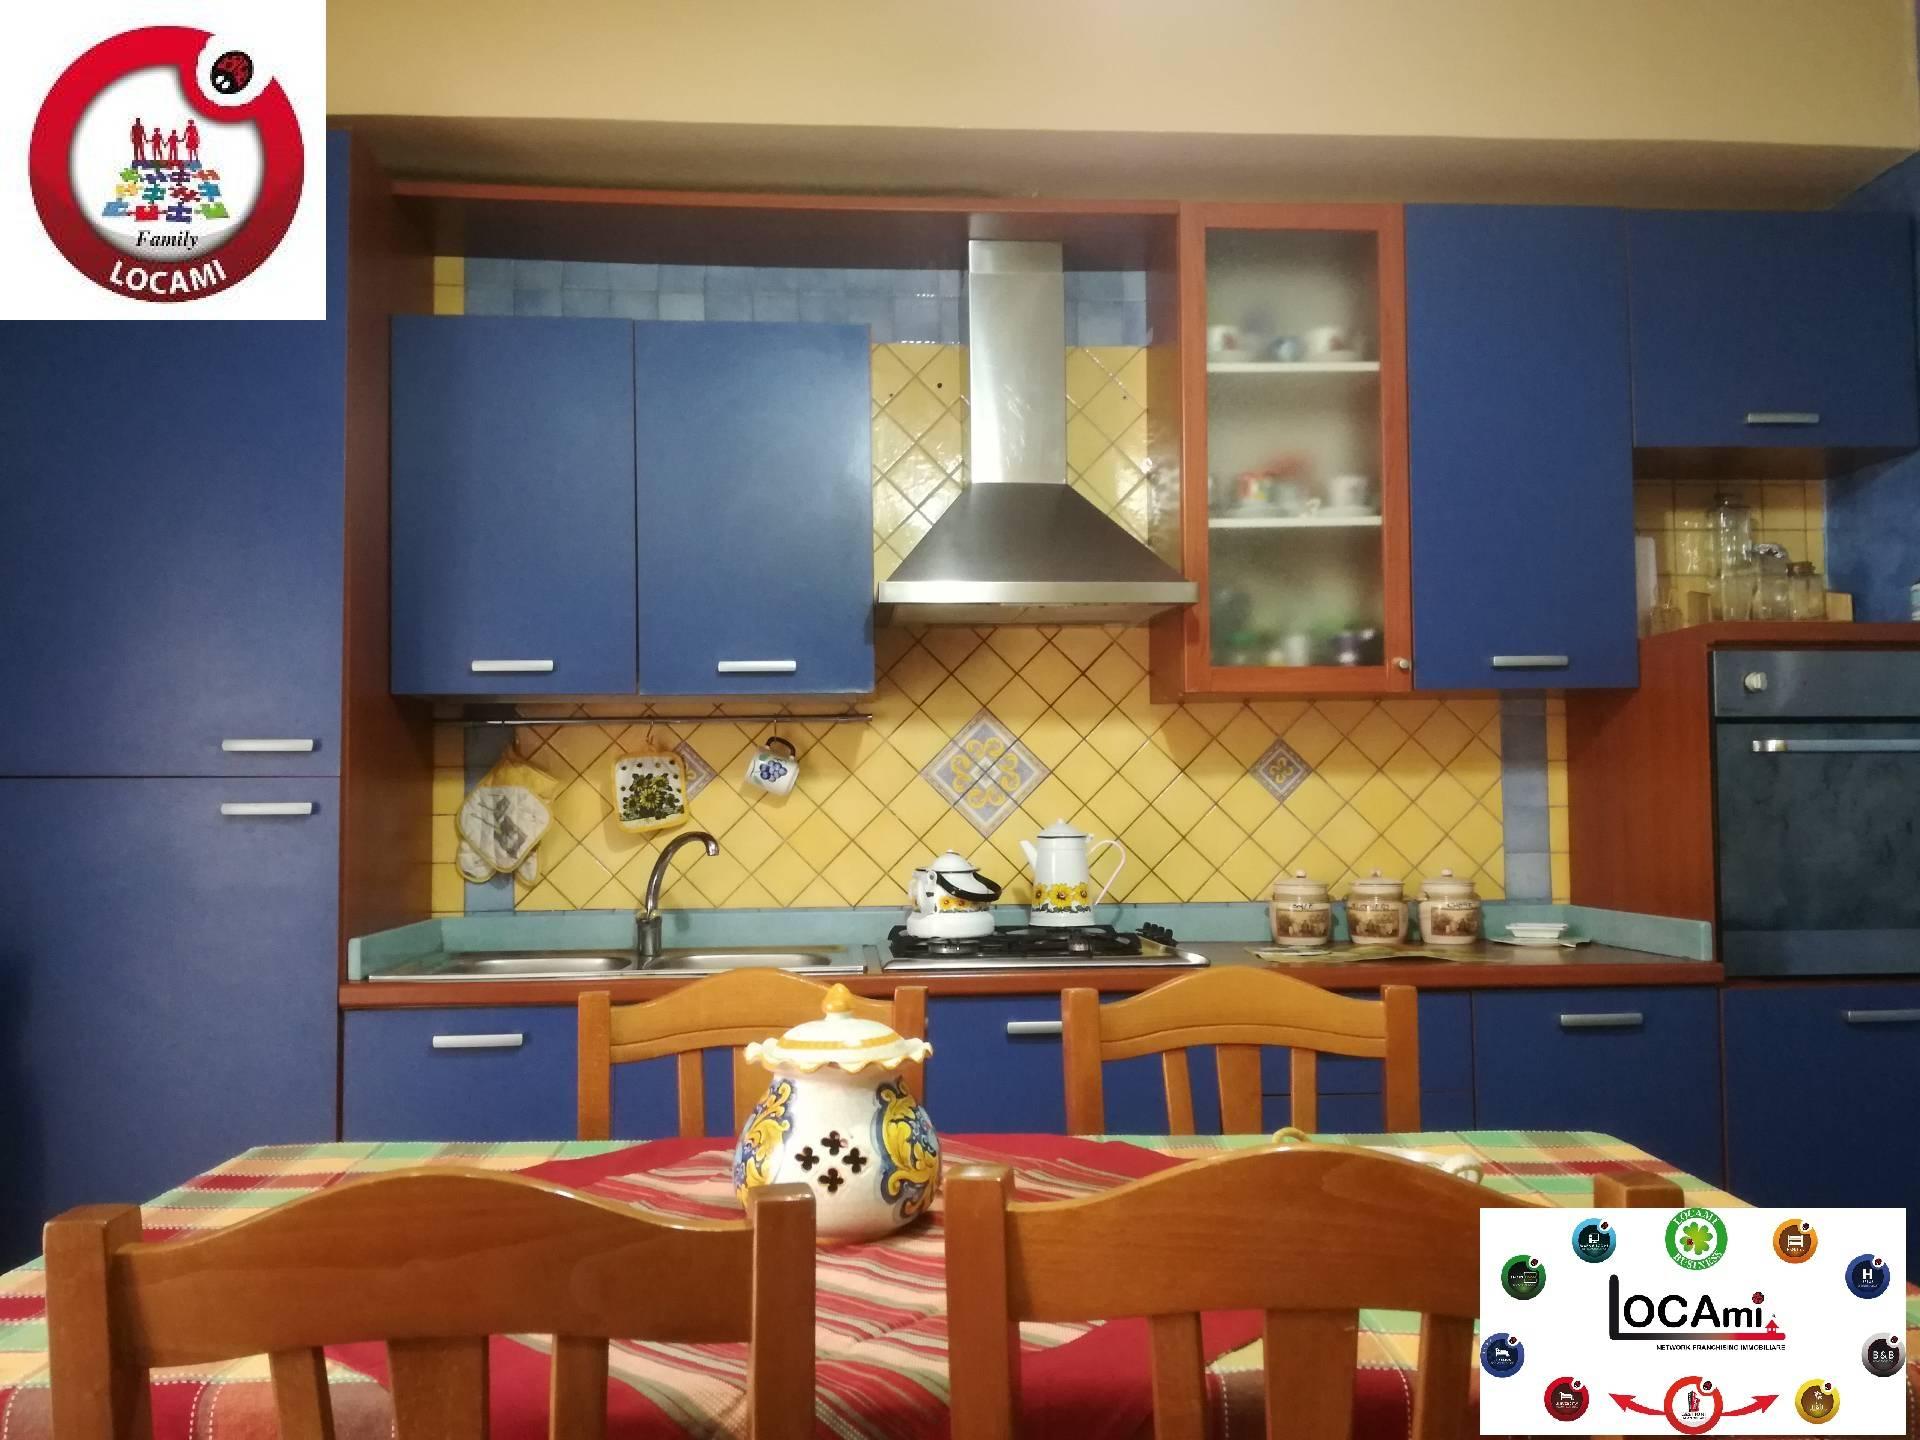 Appartamento in vendita a Porto Empedocle, 4 locali, prezzo € 110.000 | Cambio Casa.it